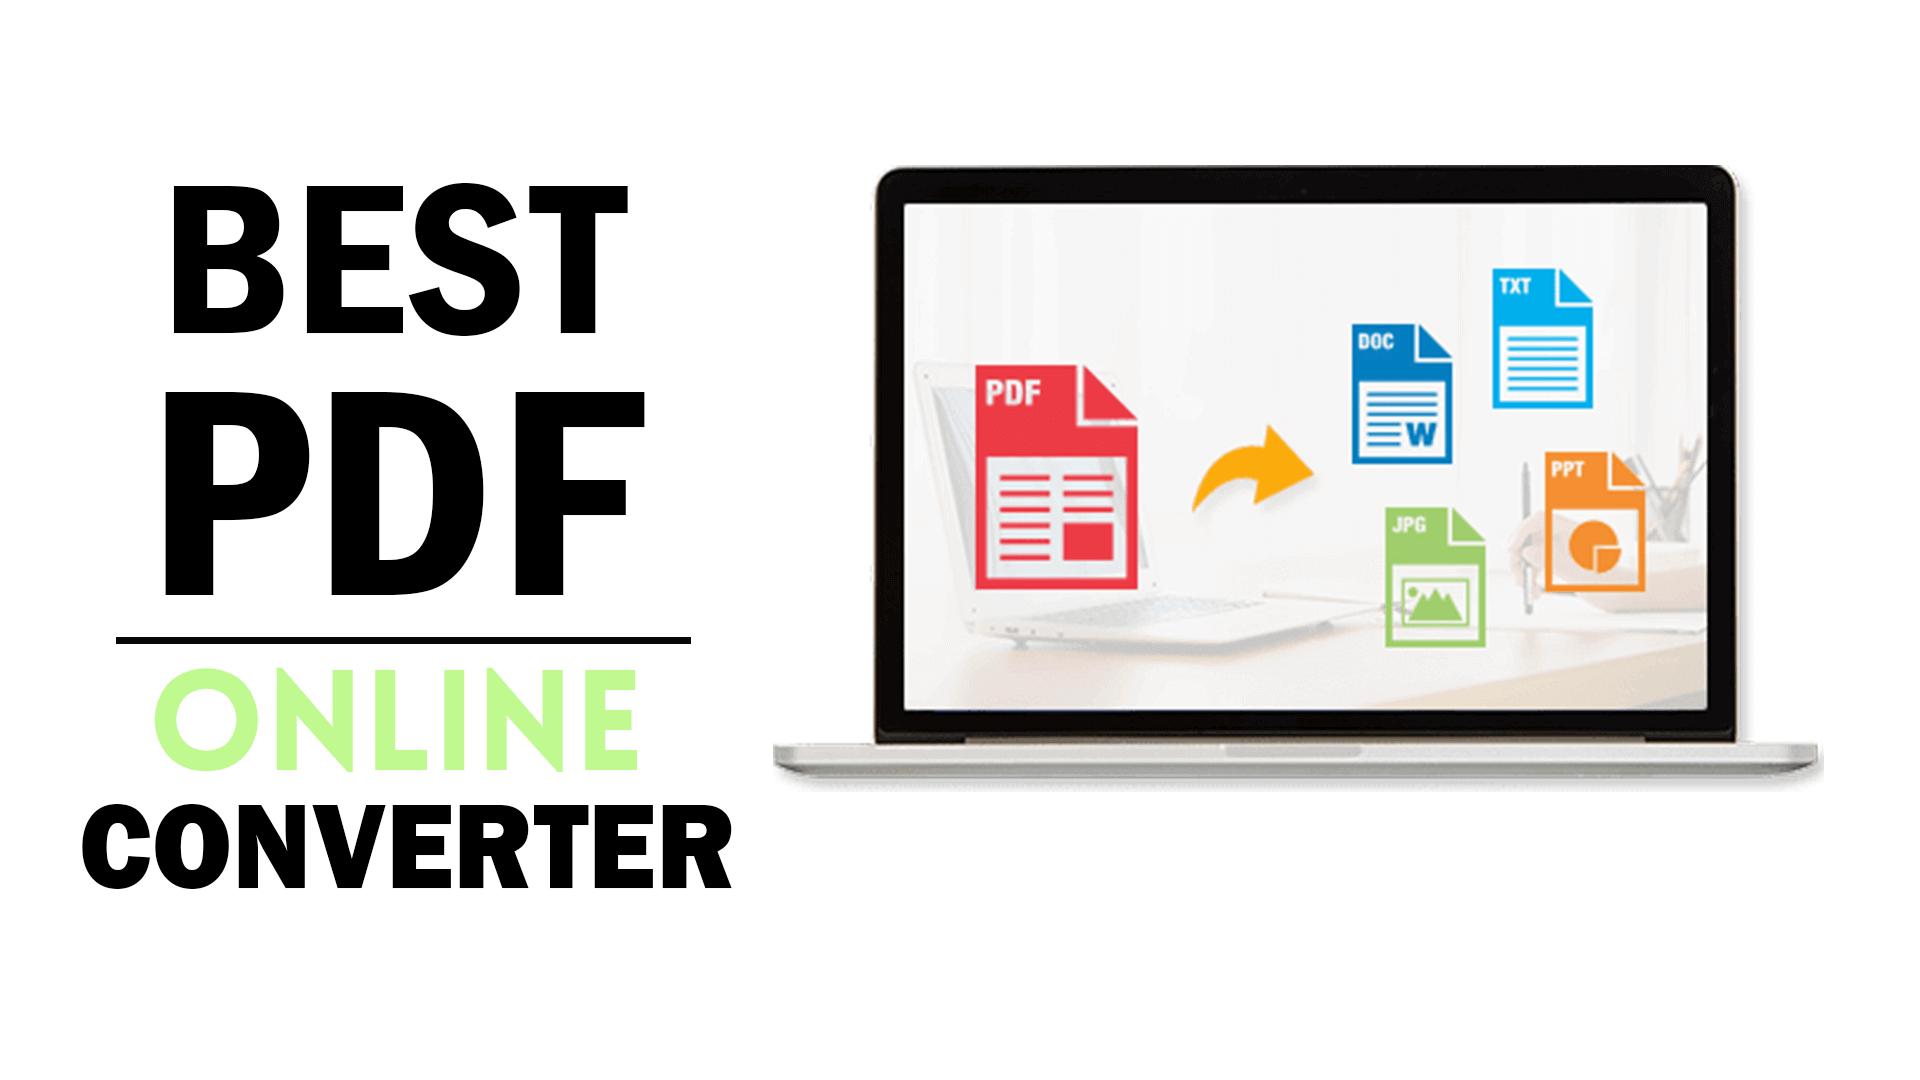 최고의 온라인 PDF 변환기